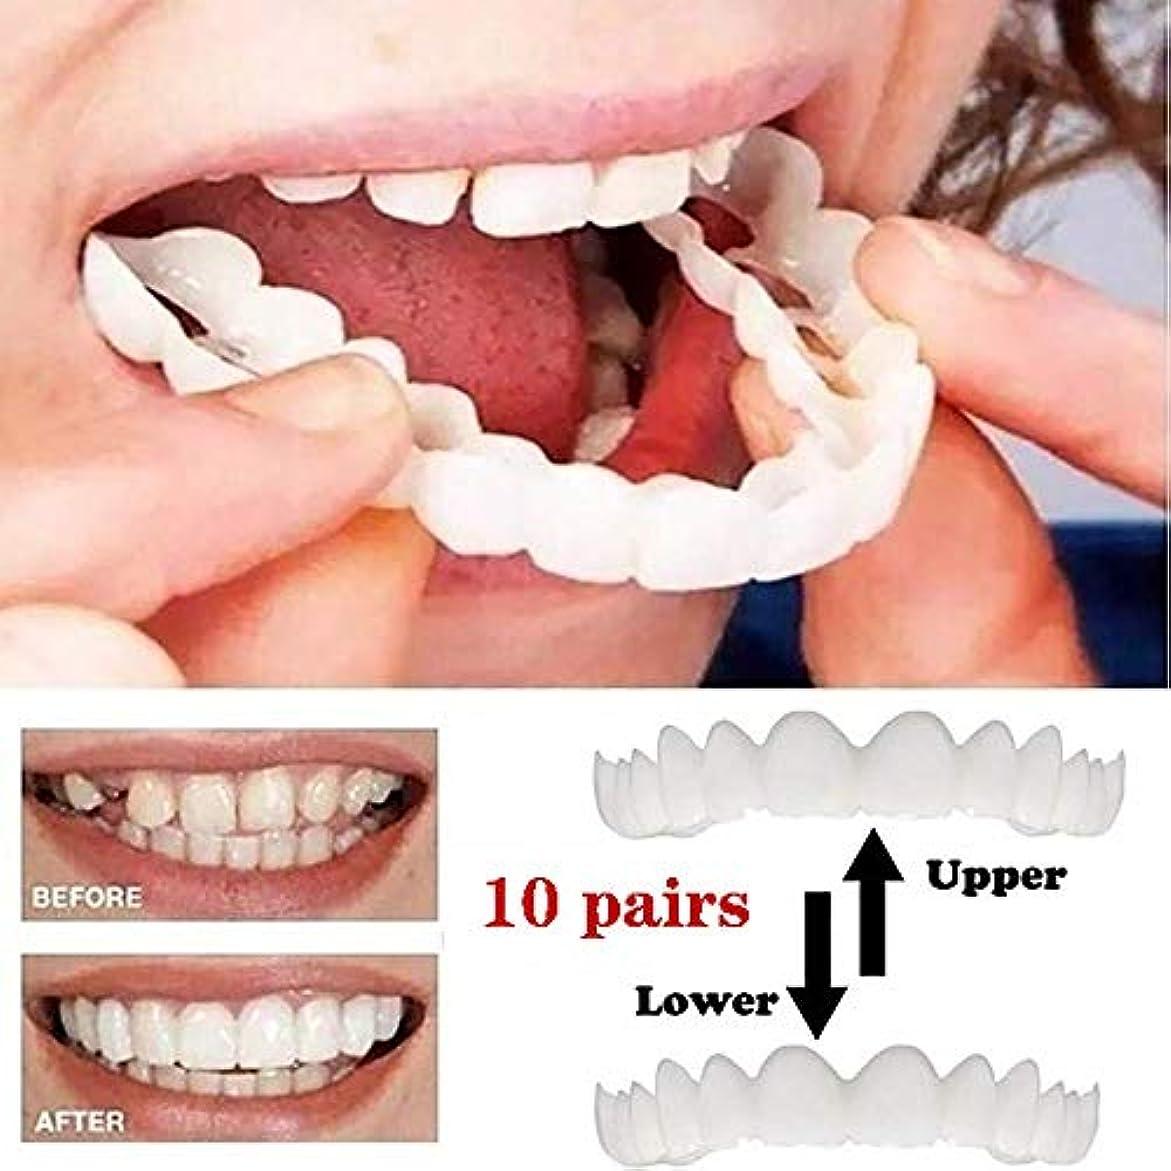 嫌な繁栄クローン最新の突き板の歯、化粧用歯20個 - 一時的な笑顔の快適フィットフレックス化粧品の歯、ワンサイズは最もフィット、快適な上の歯のベニヤと下のベニヤ - 歯のベニヤ(下+上)